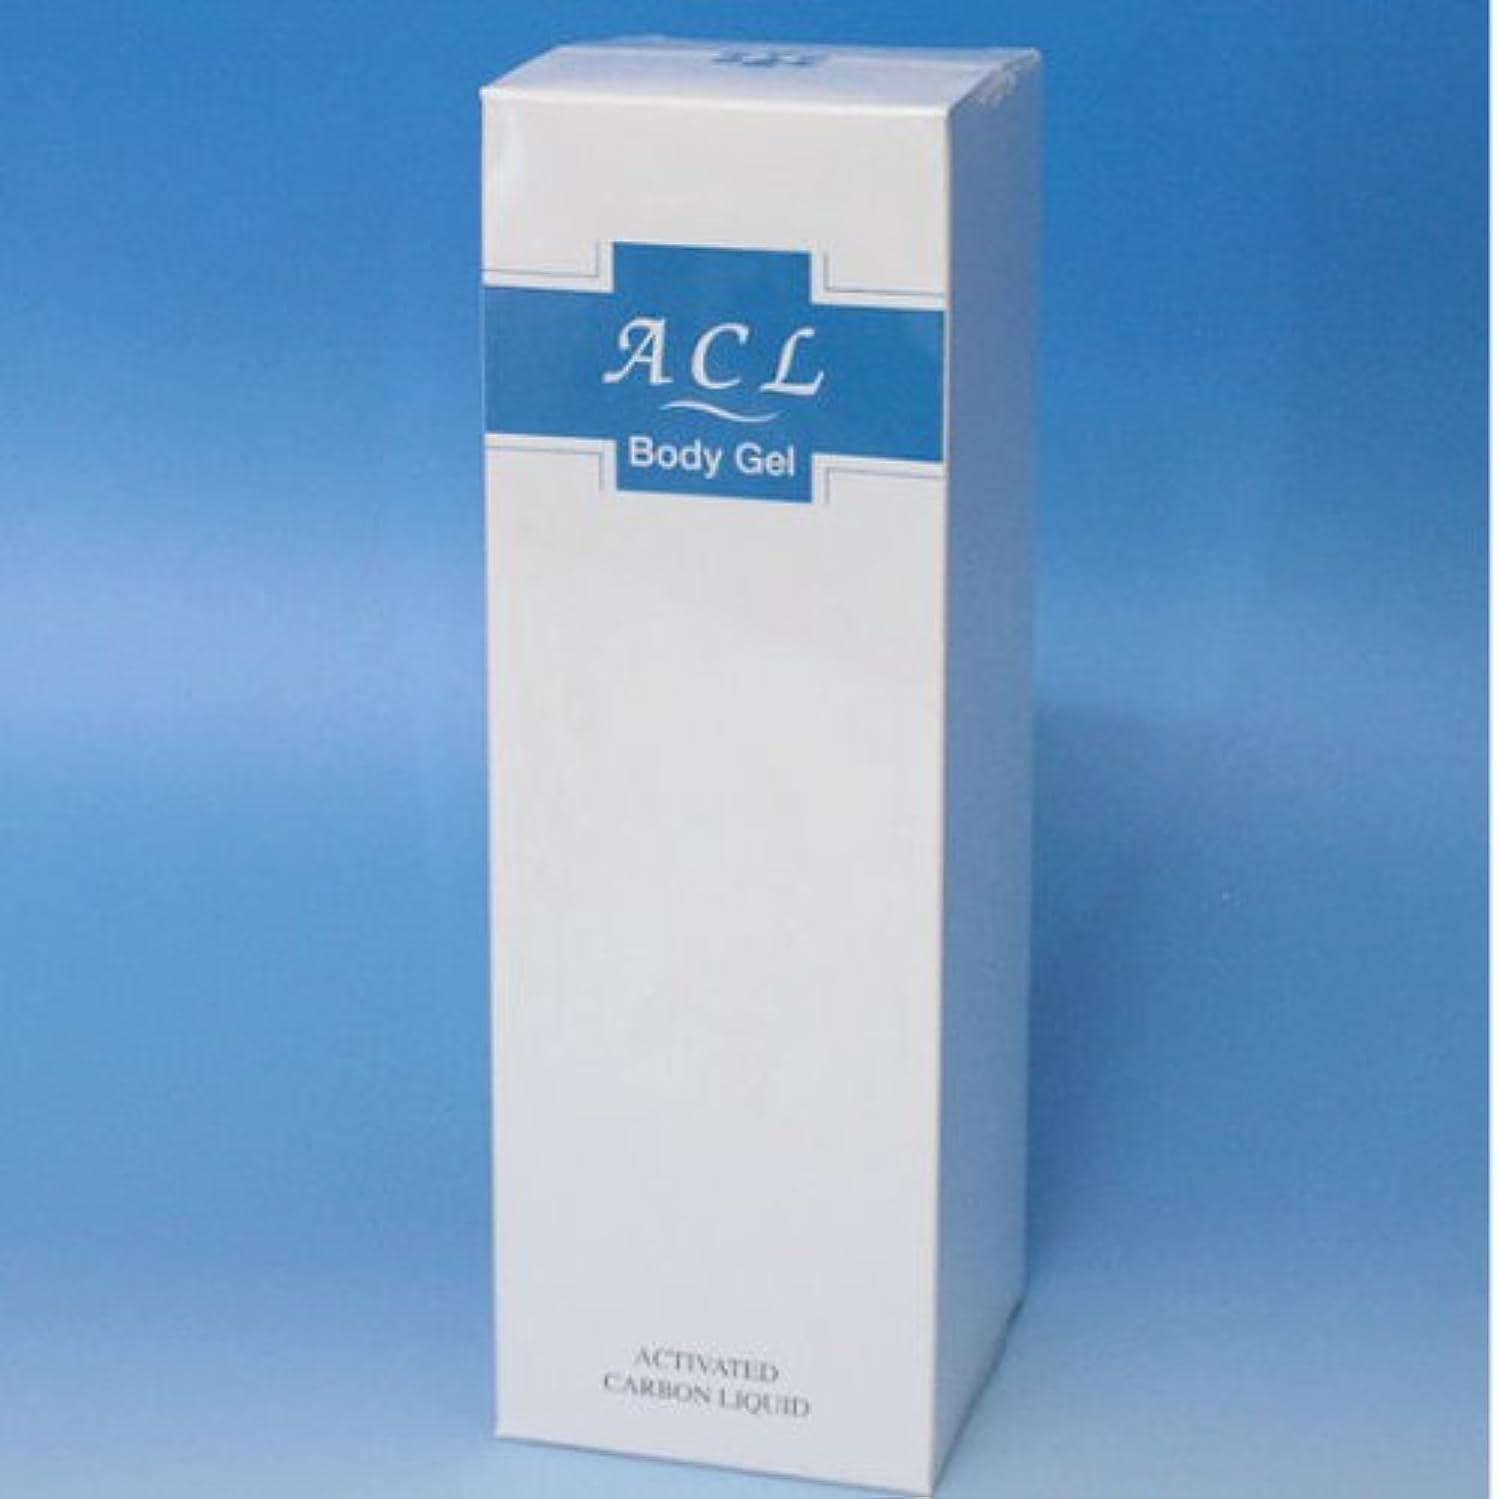 値引き算排気ACL(アクル)ボディージェル400g